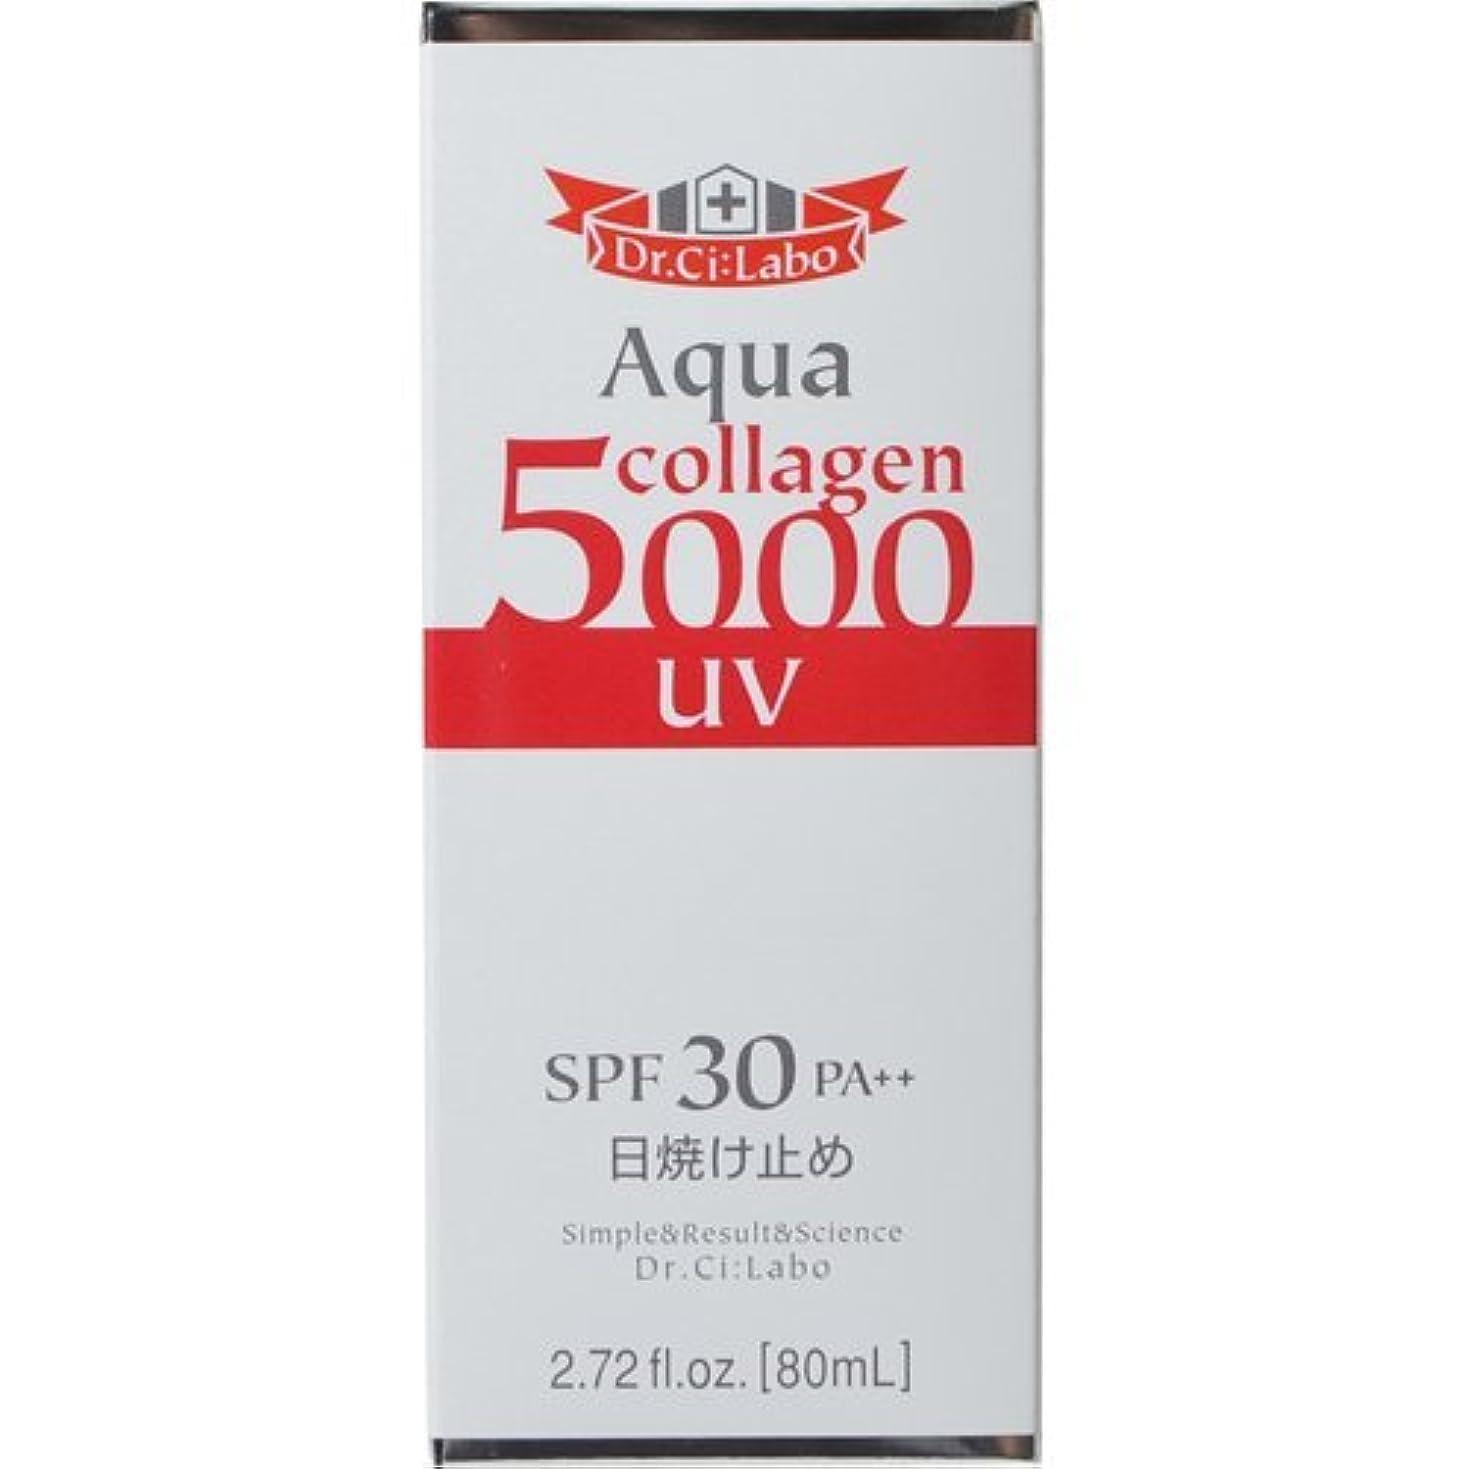 プラカード日食フレキシブルドクターシーラボ アクアコラーゲンUVゲルクリーム5000 SPF30 PA++ 80ml